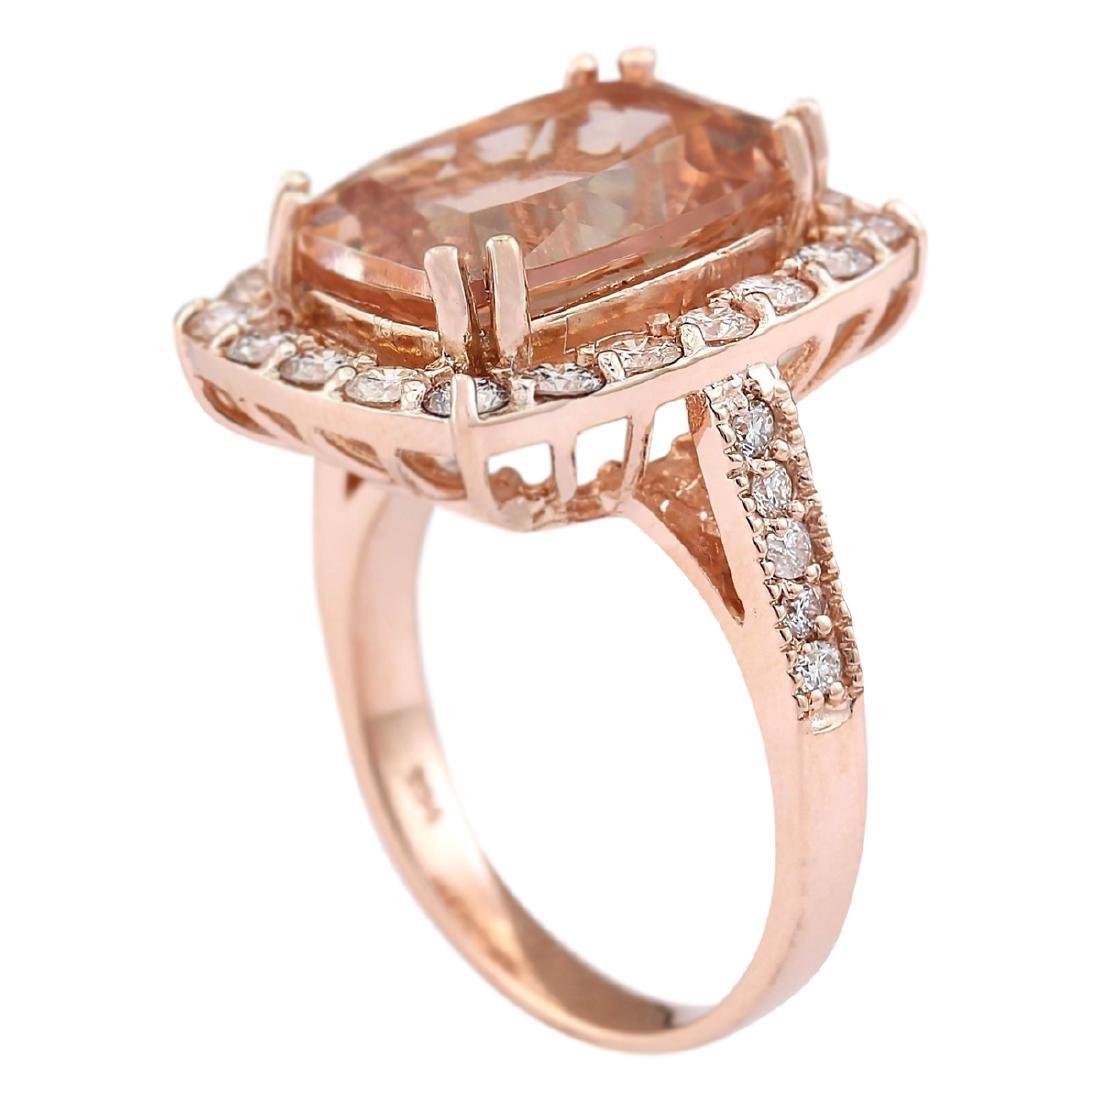 8.31 CTW Natural Morganite And Diamond Ring In 18K Rose - 3